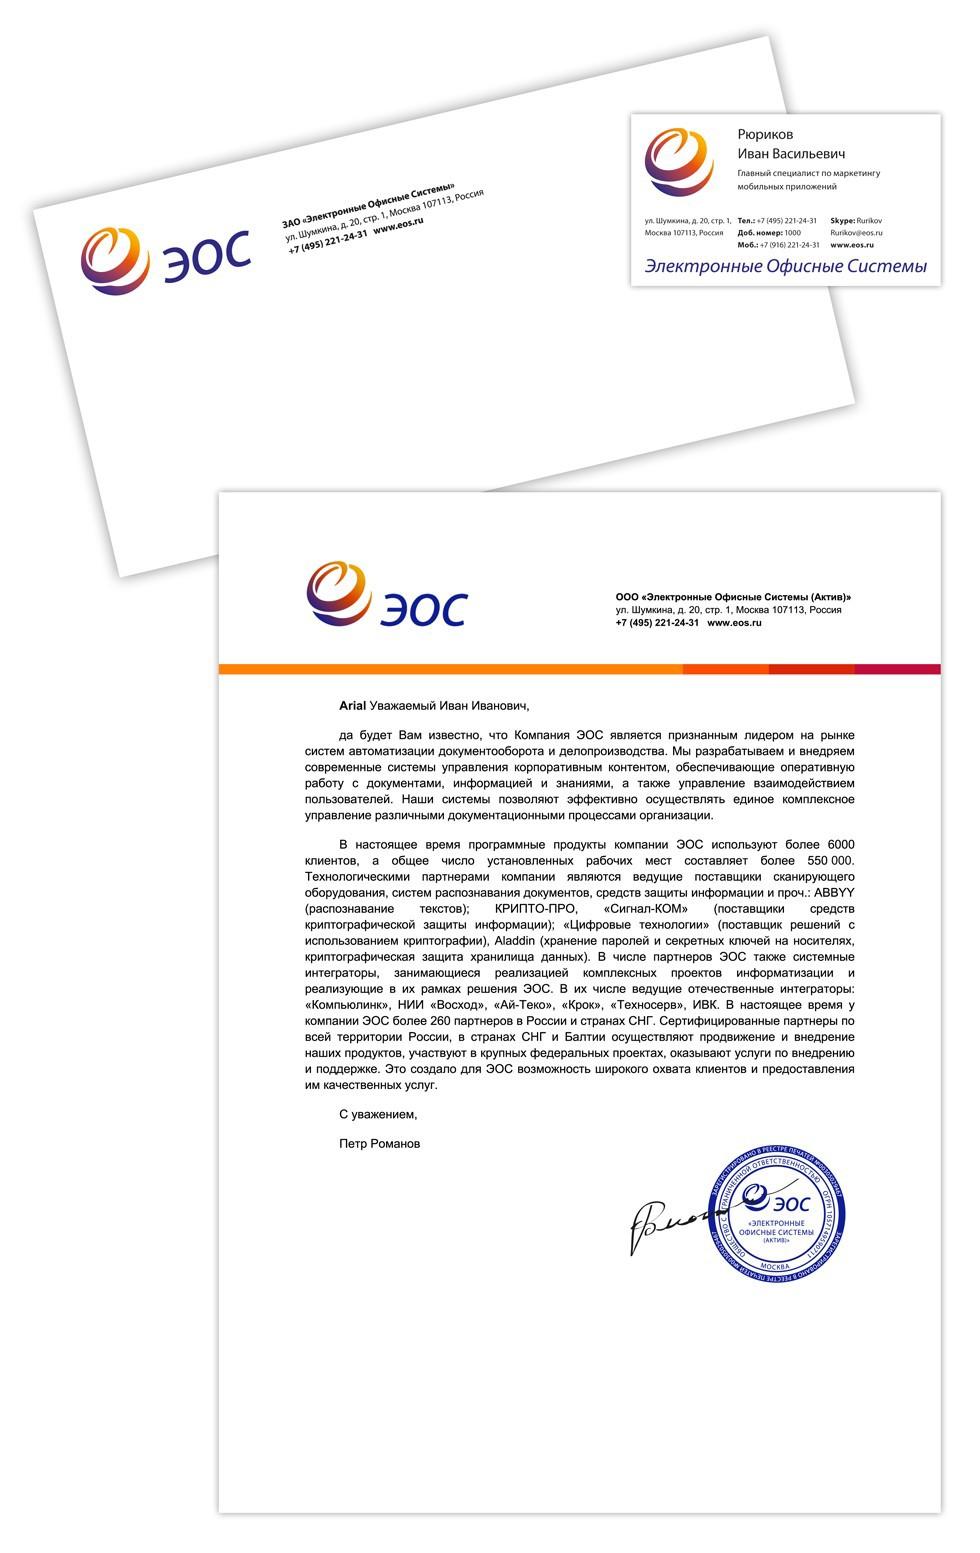 Как мы объединяли брендбуком партнеров от Камчатки до Калининграда (Часть 2) - 11